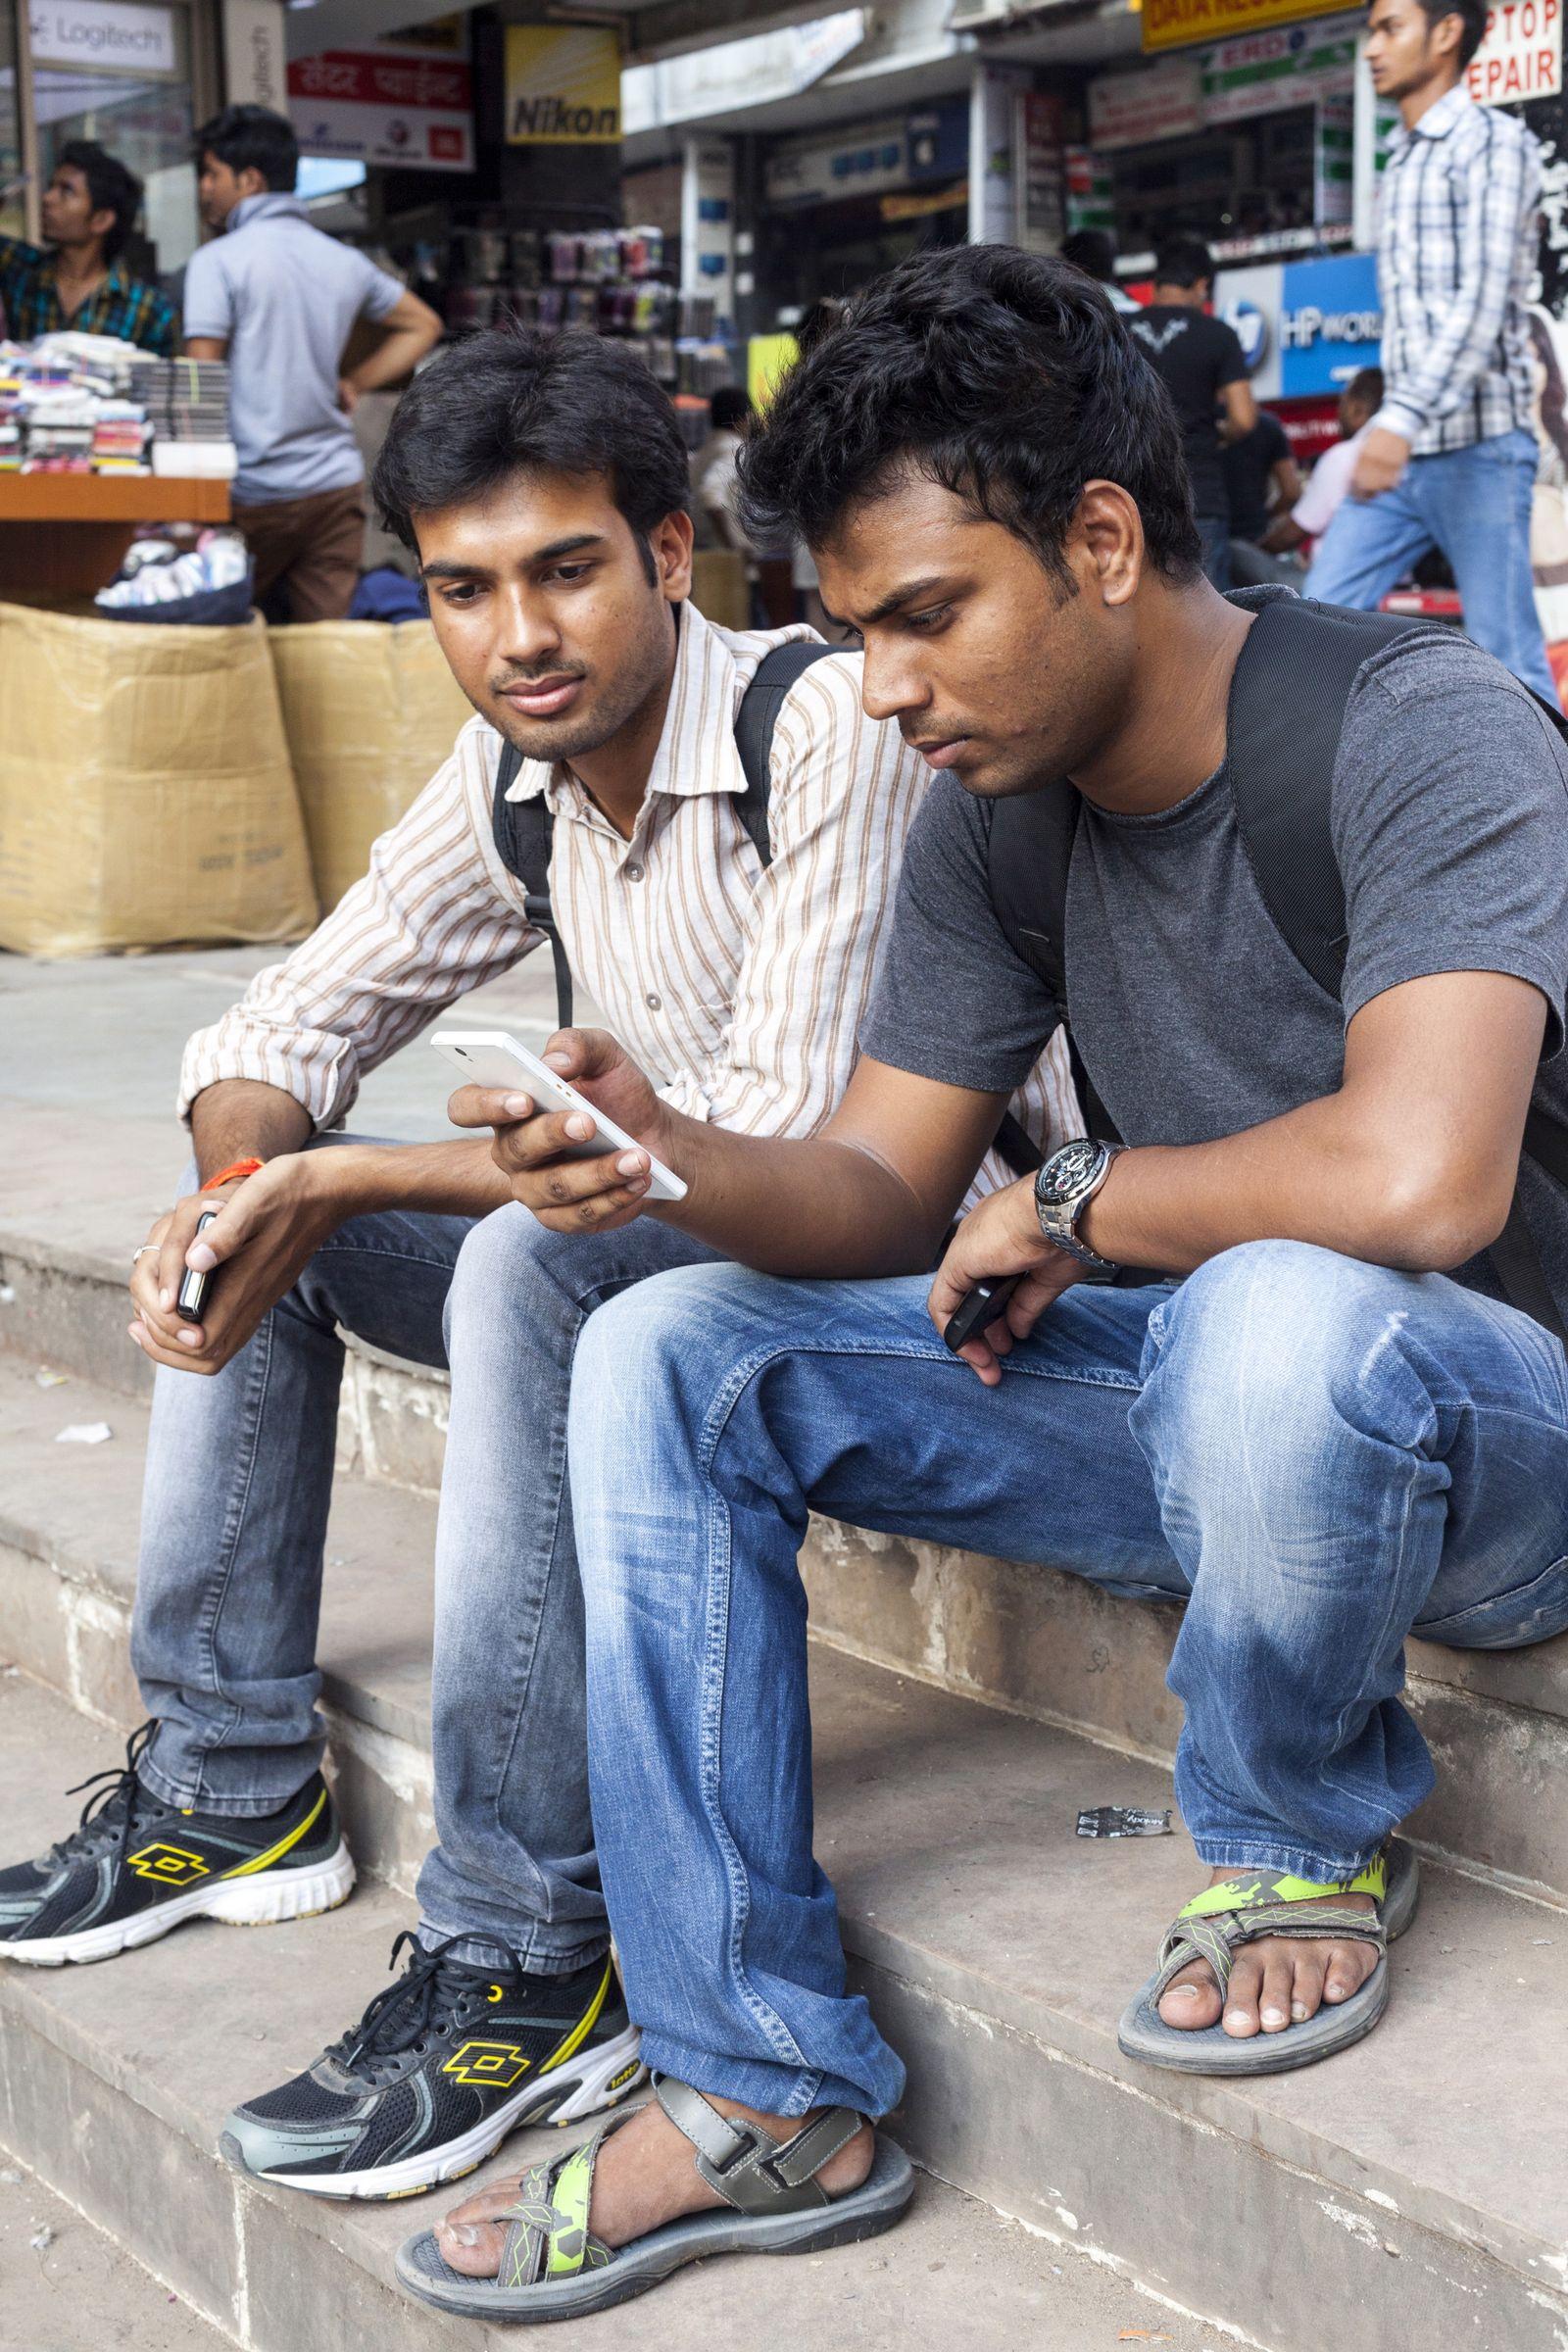 NICHT MEHR VERWENDEN! - Smartphone/ Indien/ indische Männer